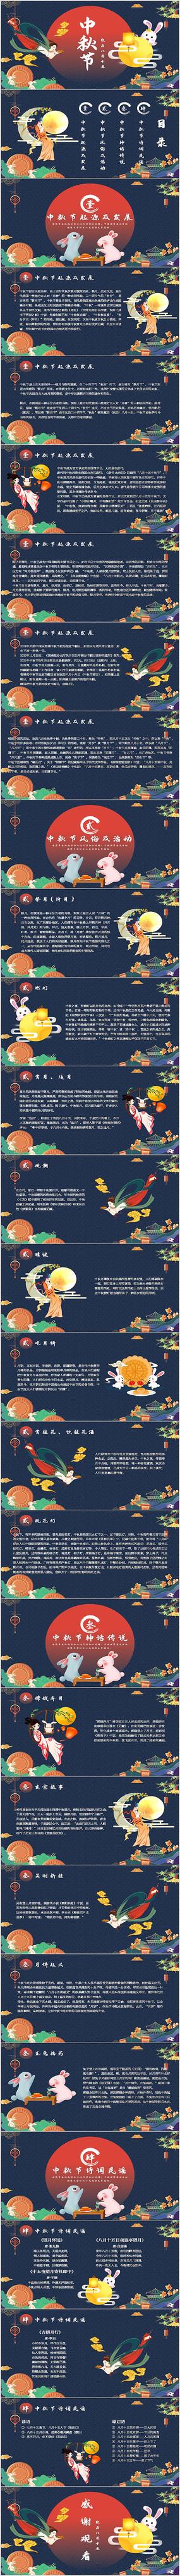 中国风传统节日介绍中秋佳节PPT模板 pptx